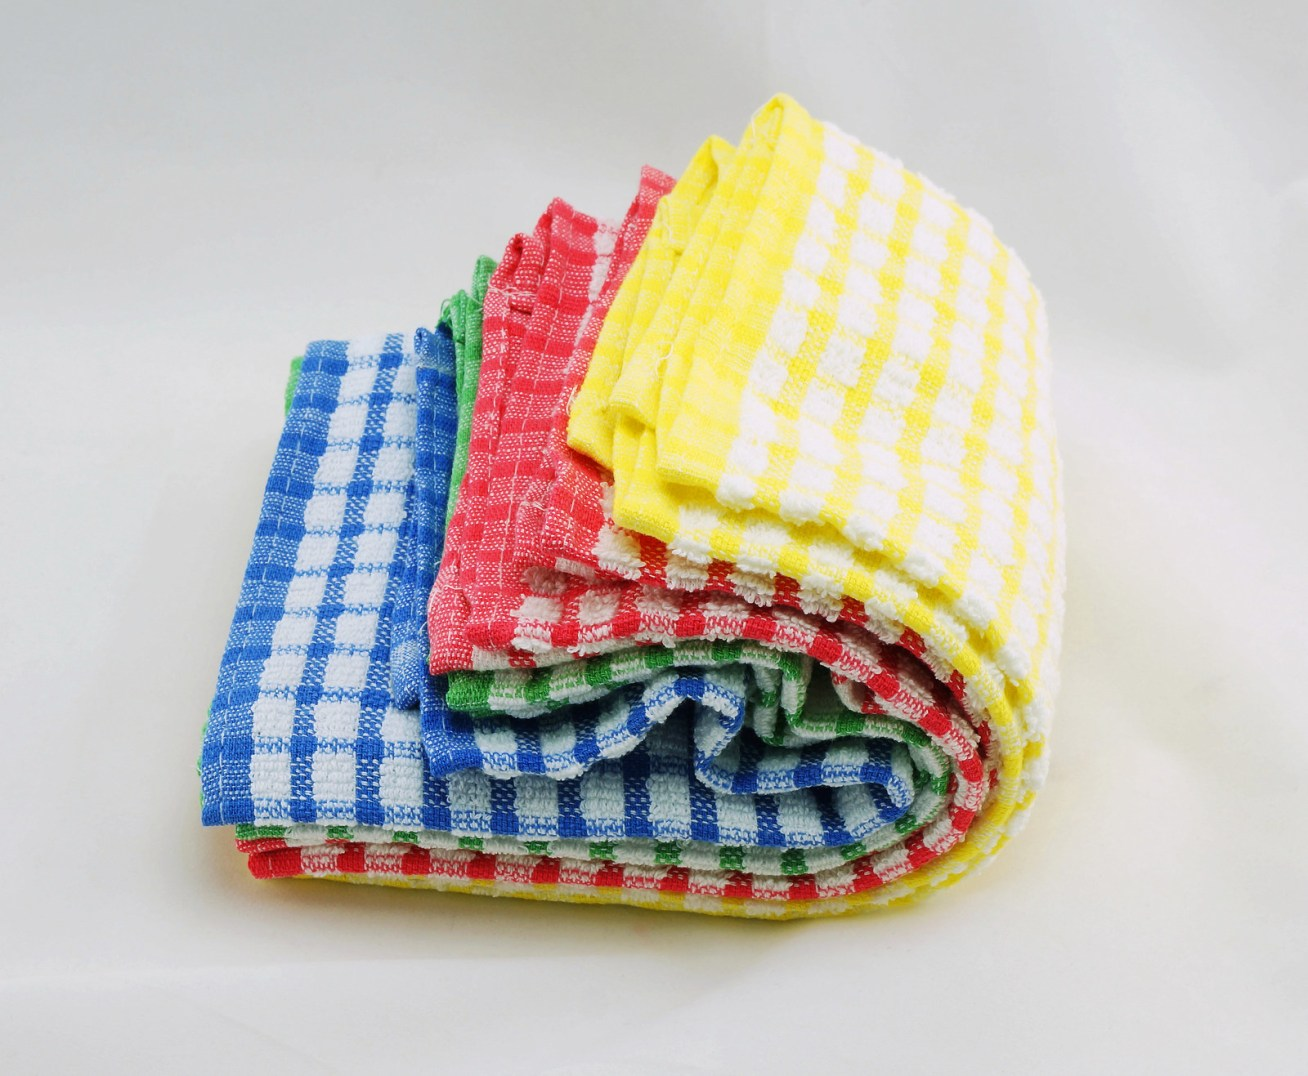 Aporta en la salvación de millones de árboles al reducir el uso de toallas de papel para secar y/o limpiar. Al mismo tiempo, como todo es cuestión de equilibrio, es importante que seas consciente con el uso de agua caliente al momento de lavar los paños de tela.